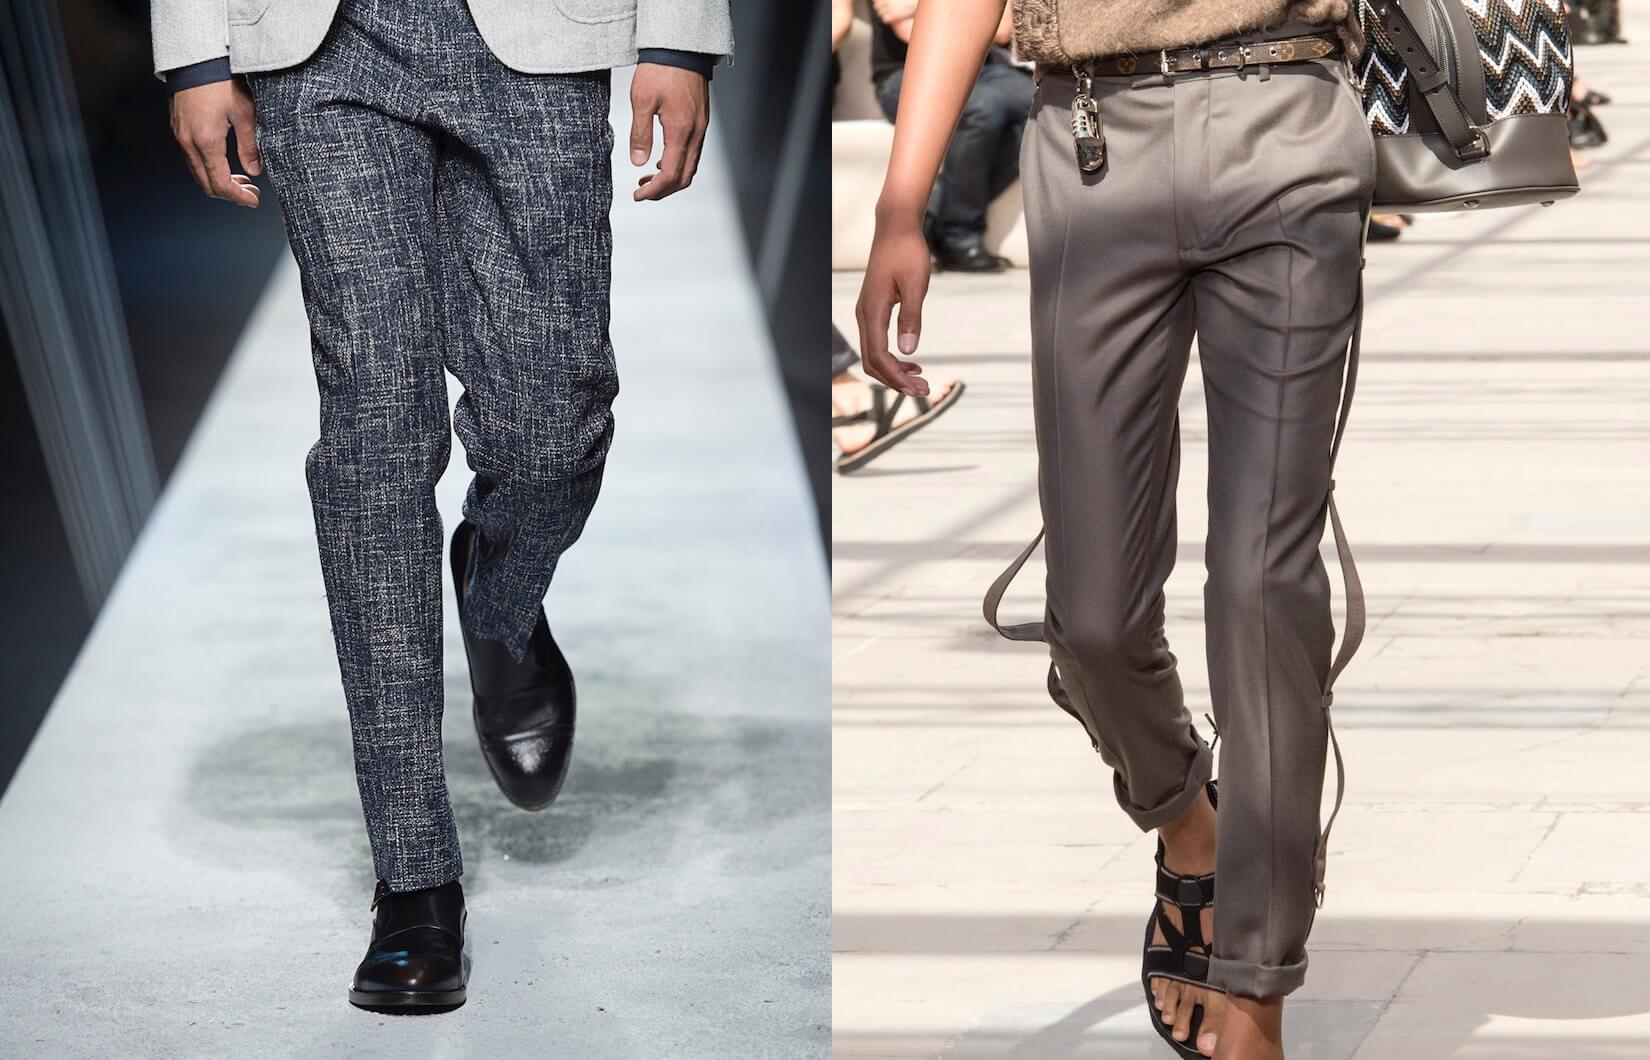 Moda Uomo Matrimonio Estate 2018 : Pantaloni uomo gli abbinamenti per l estate moda